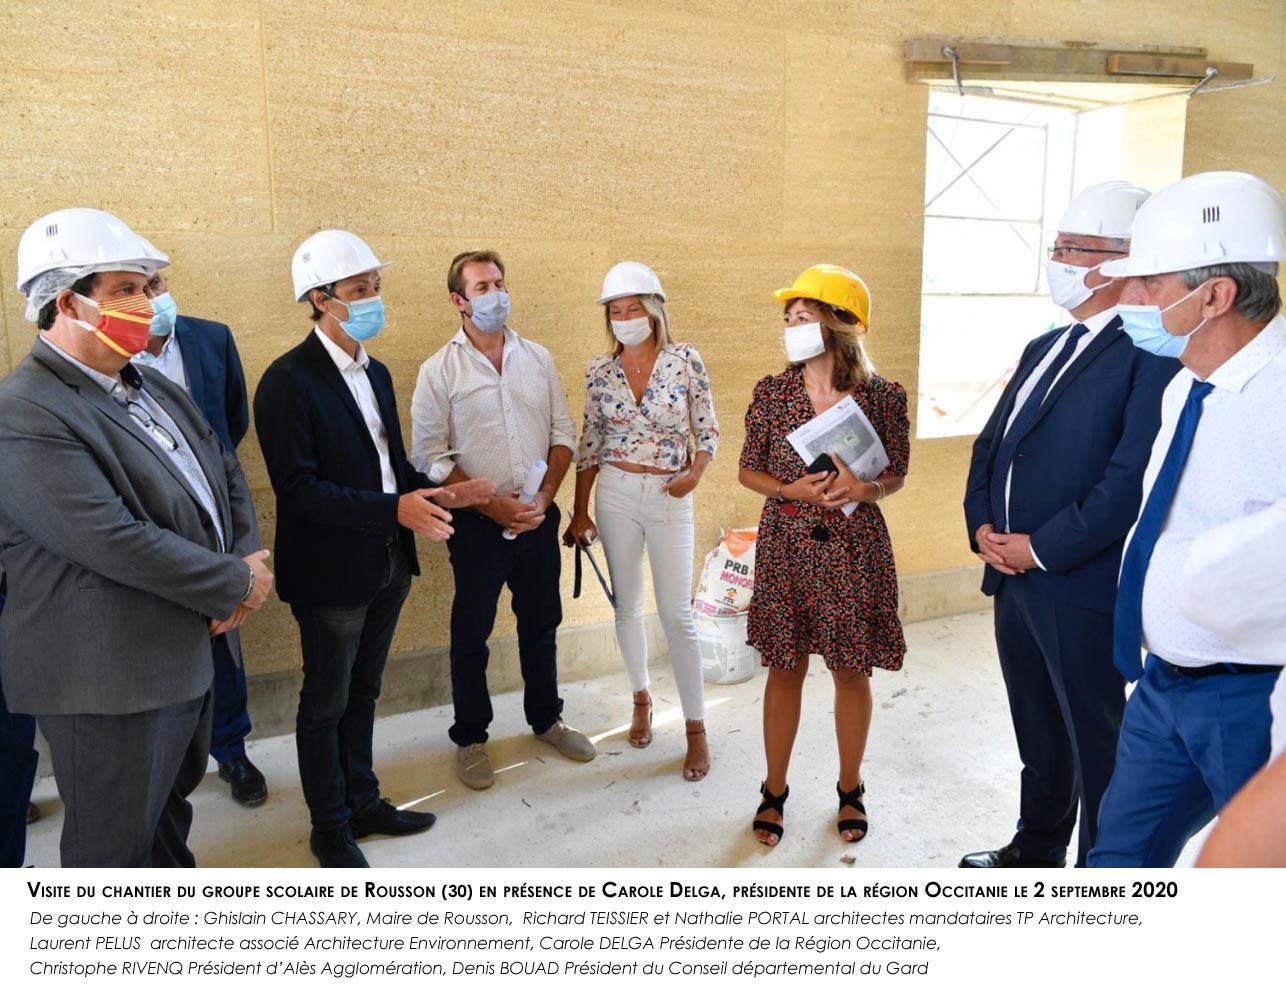 groupe scolaire_Rousson -  visite de chantier des habitants le 2 septembre 2020